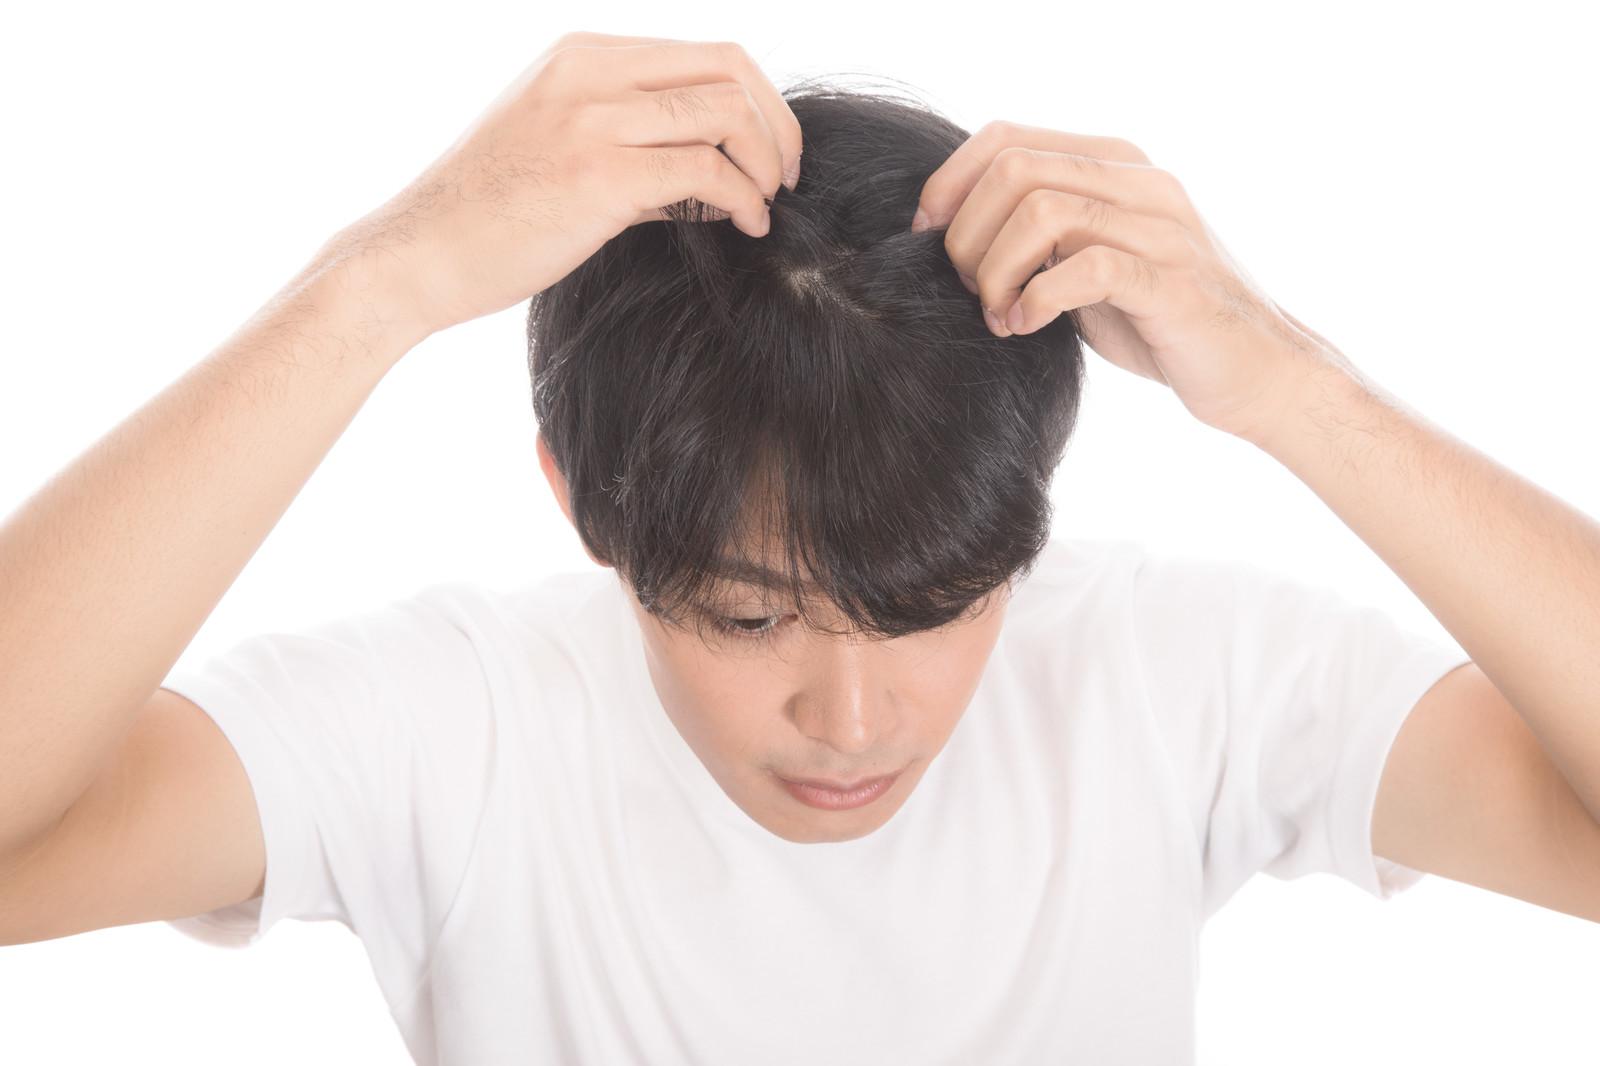 髪が薄くボリュームアップしたい男性